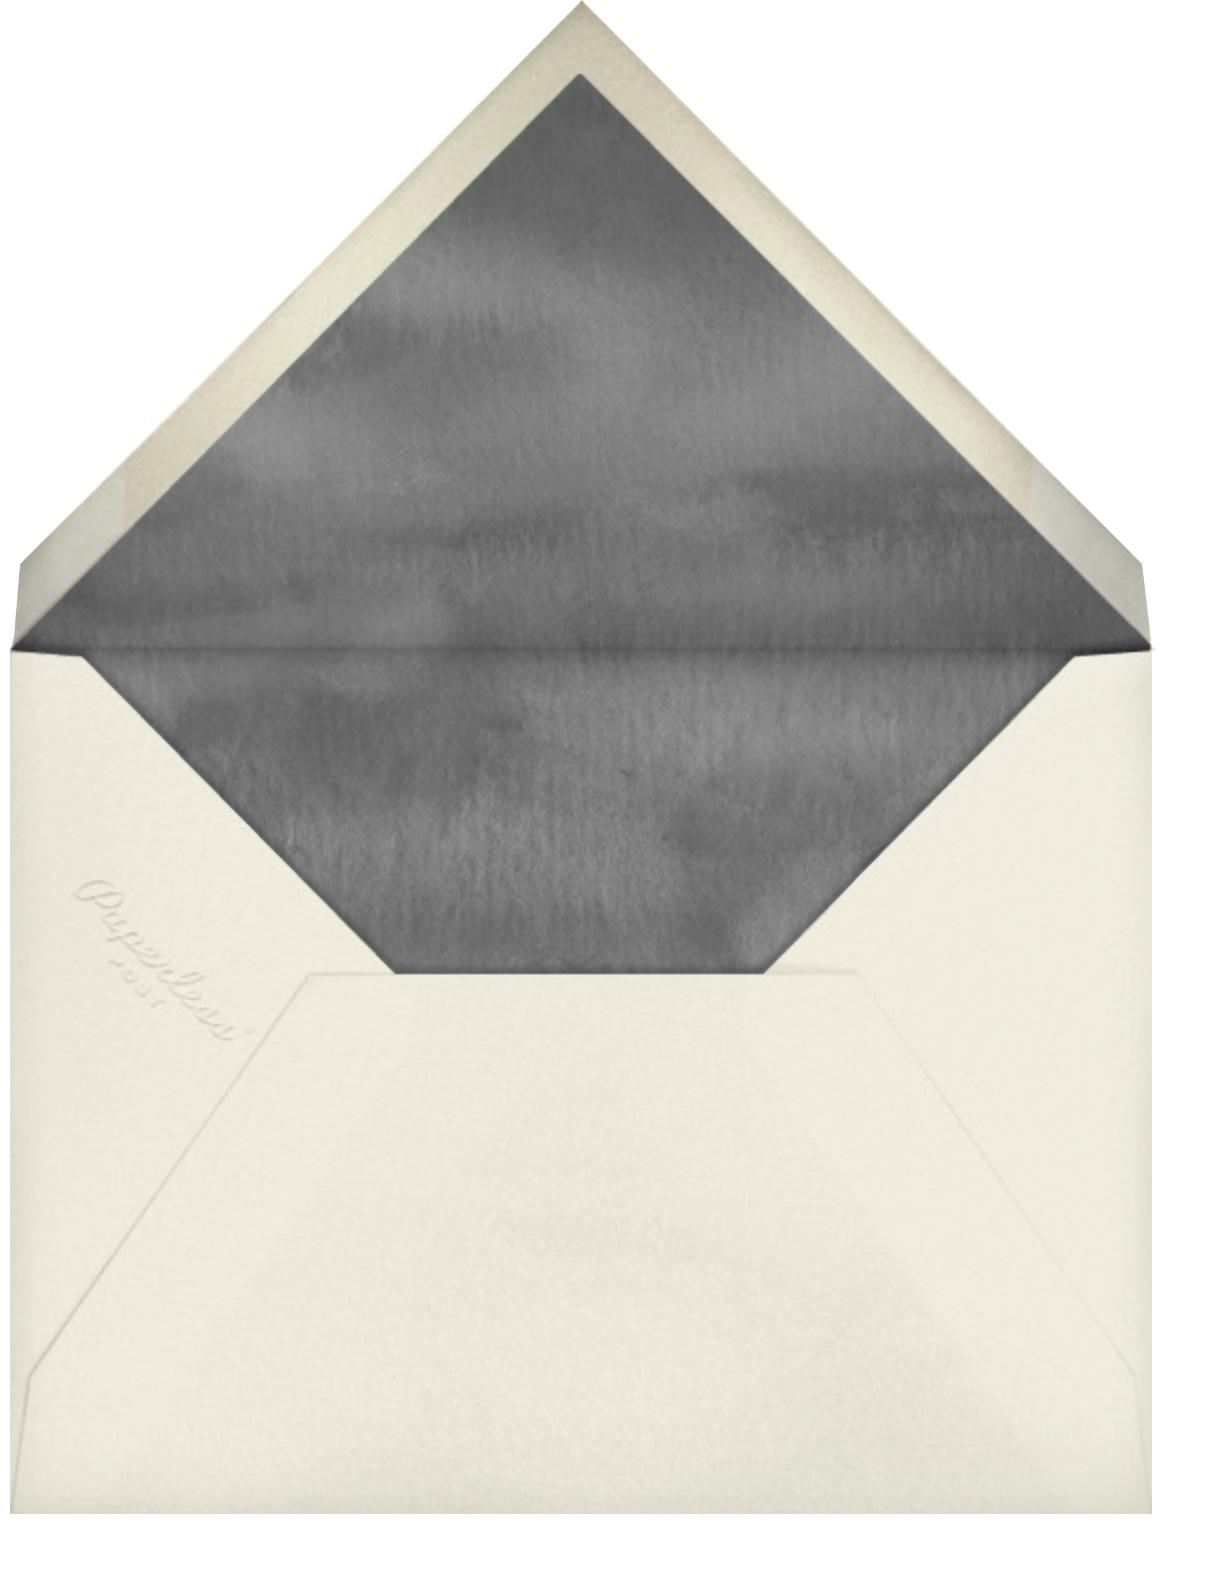 Sade Morpho - Felix Doolittle - Personalized stationery - envelope back